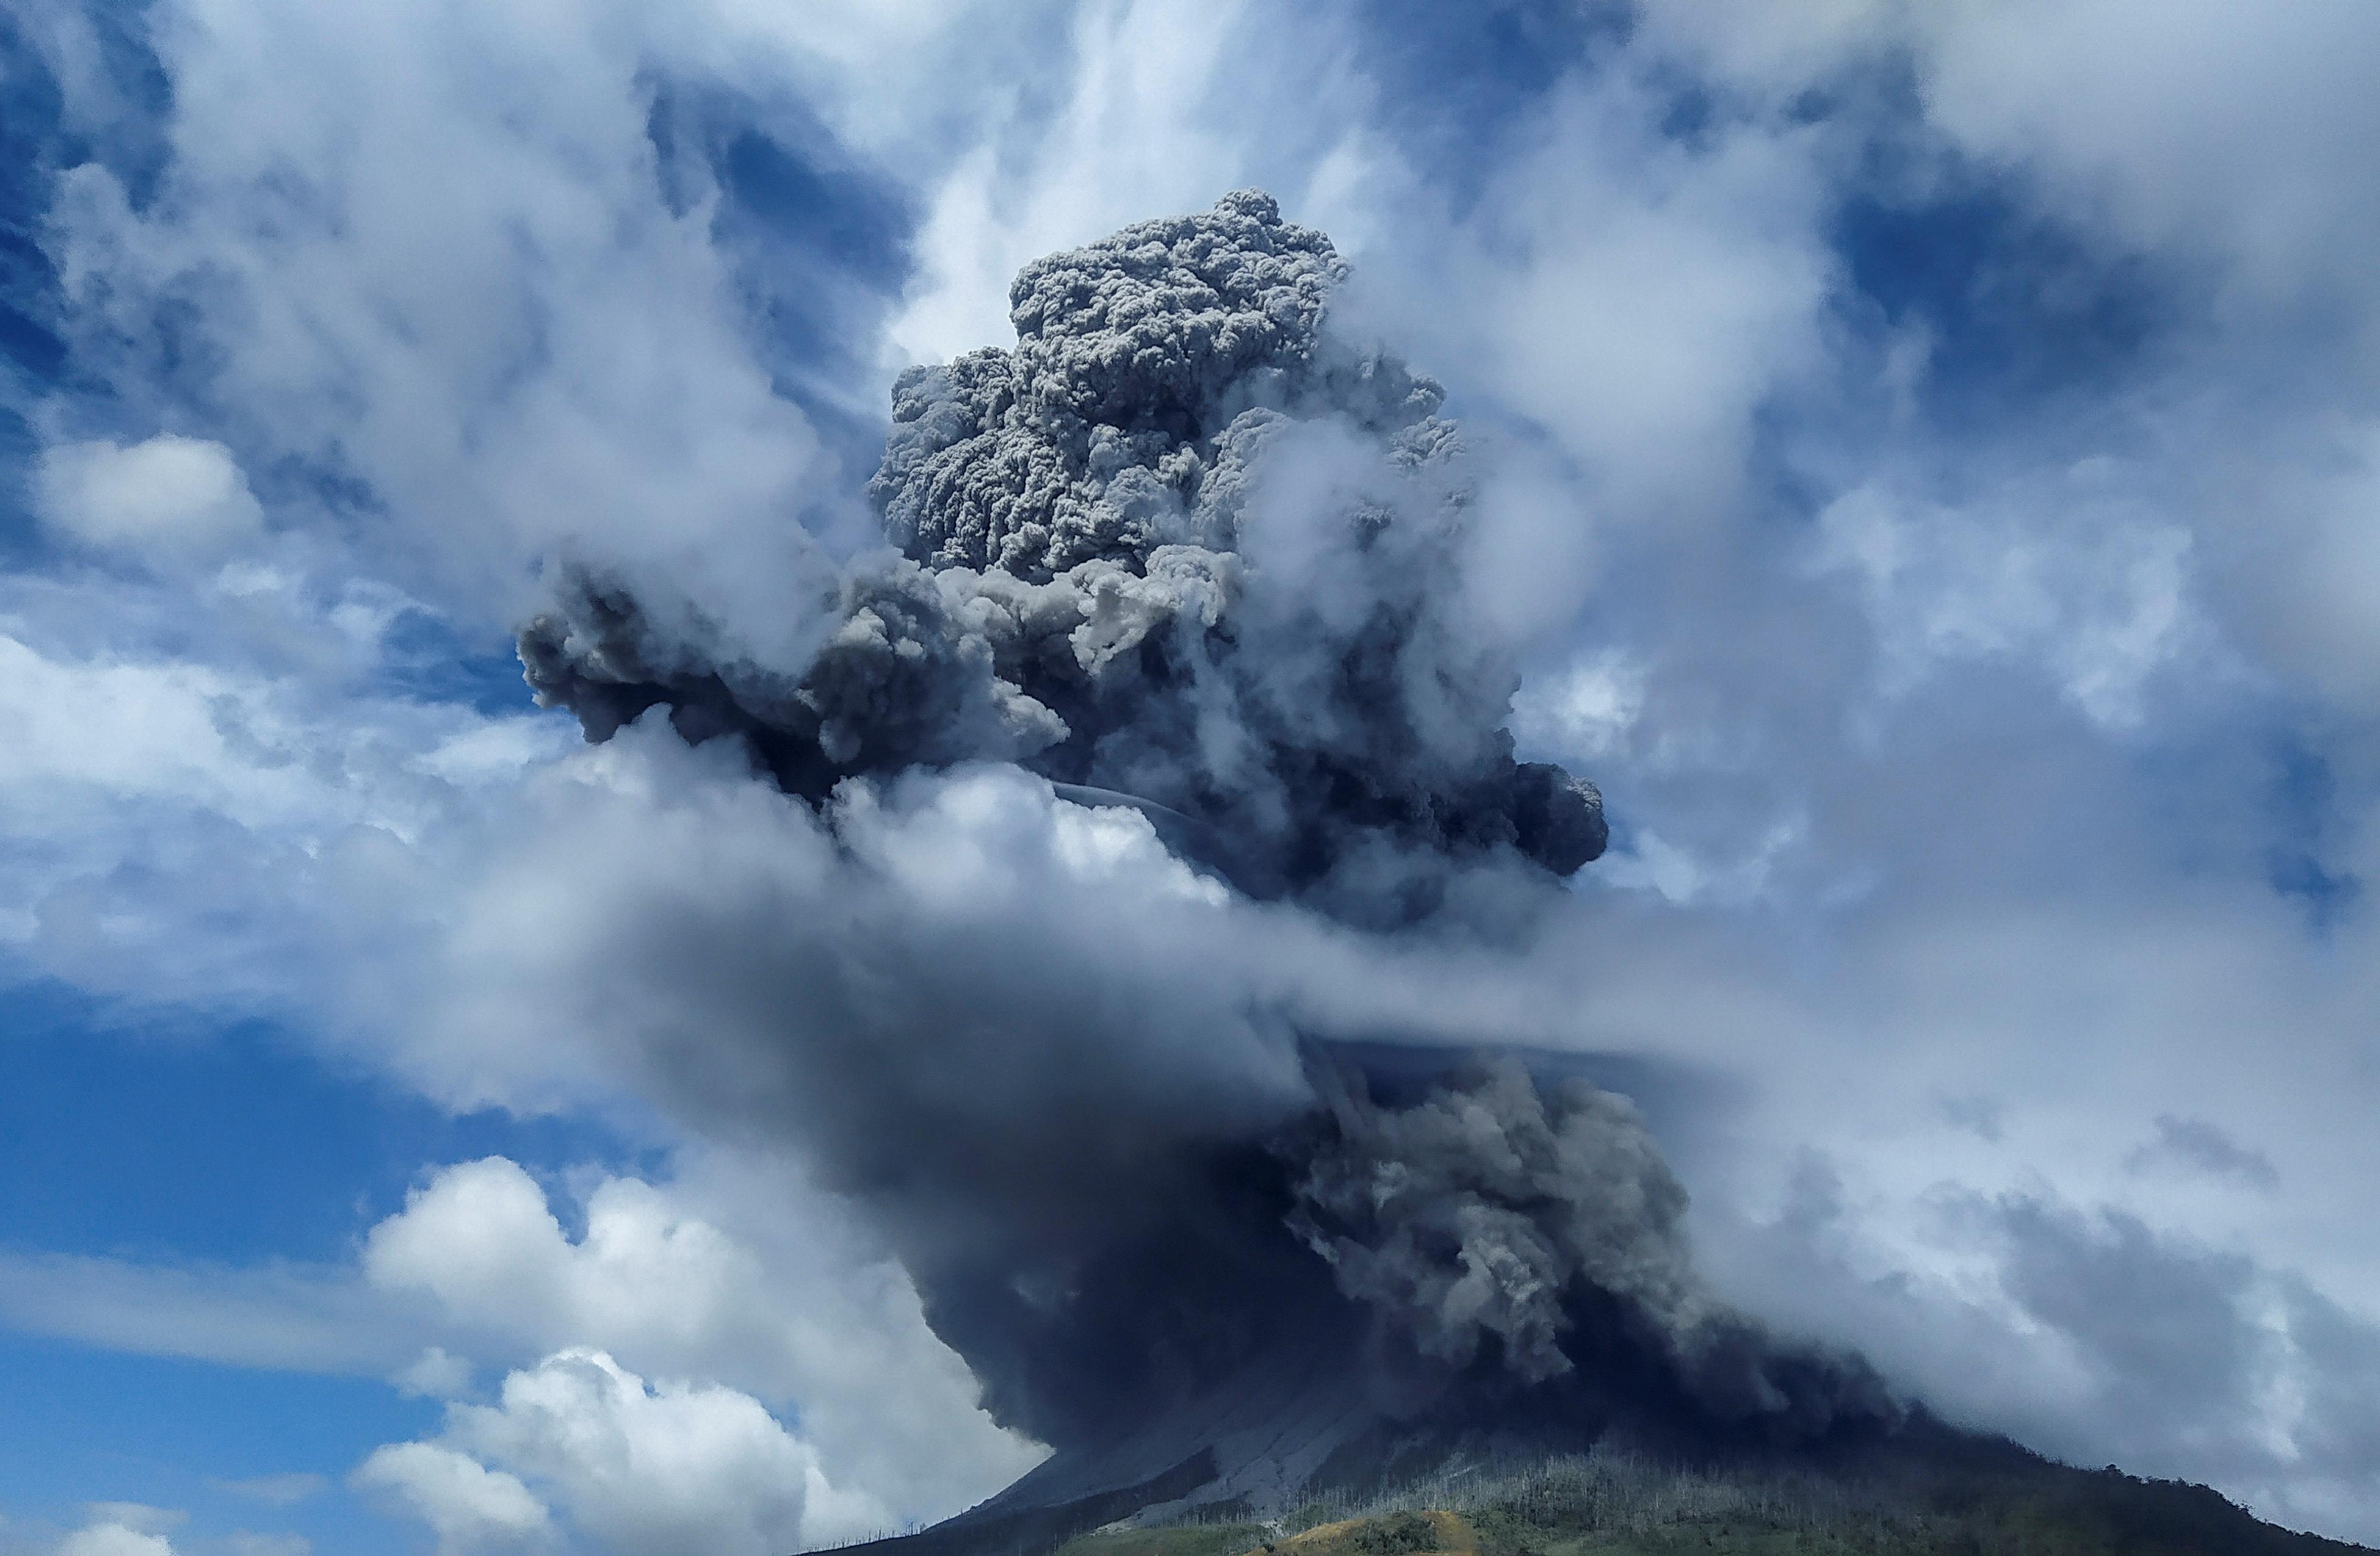 Sinabung se encuentra entre más de 120 volcanes activos en Indonesia, que es propenso a la agitación sísmica por encontrarse en el Cinturón de Fuego del Pacífico, un arco de volcanes y fallas que rodean la Cuenca del Pacífico. (Antara Foto/Sastrawan Ginting/ via REUTERS)